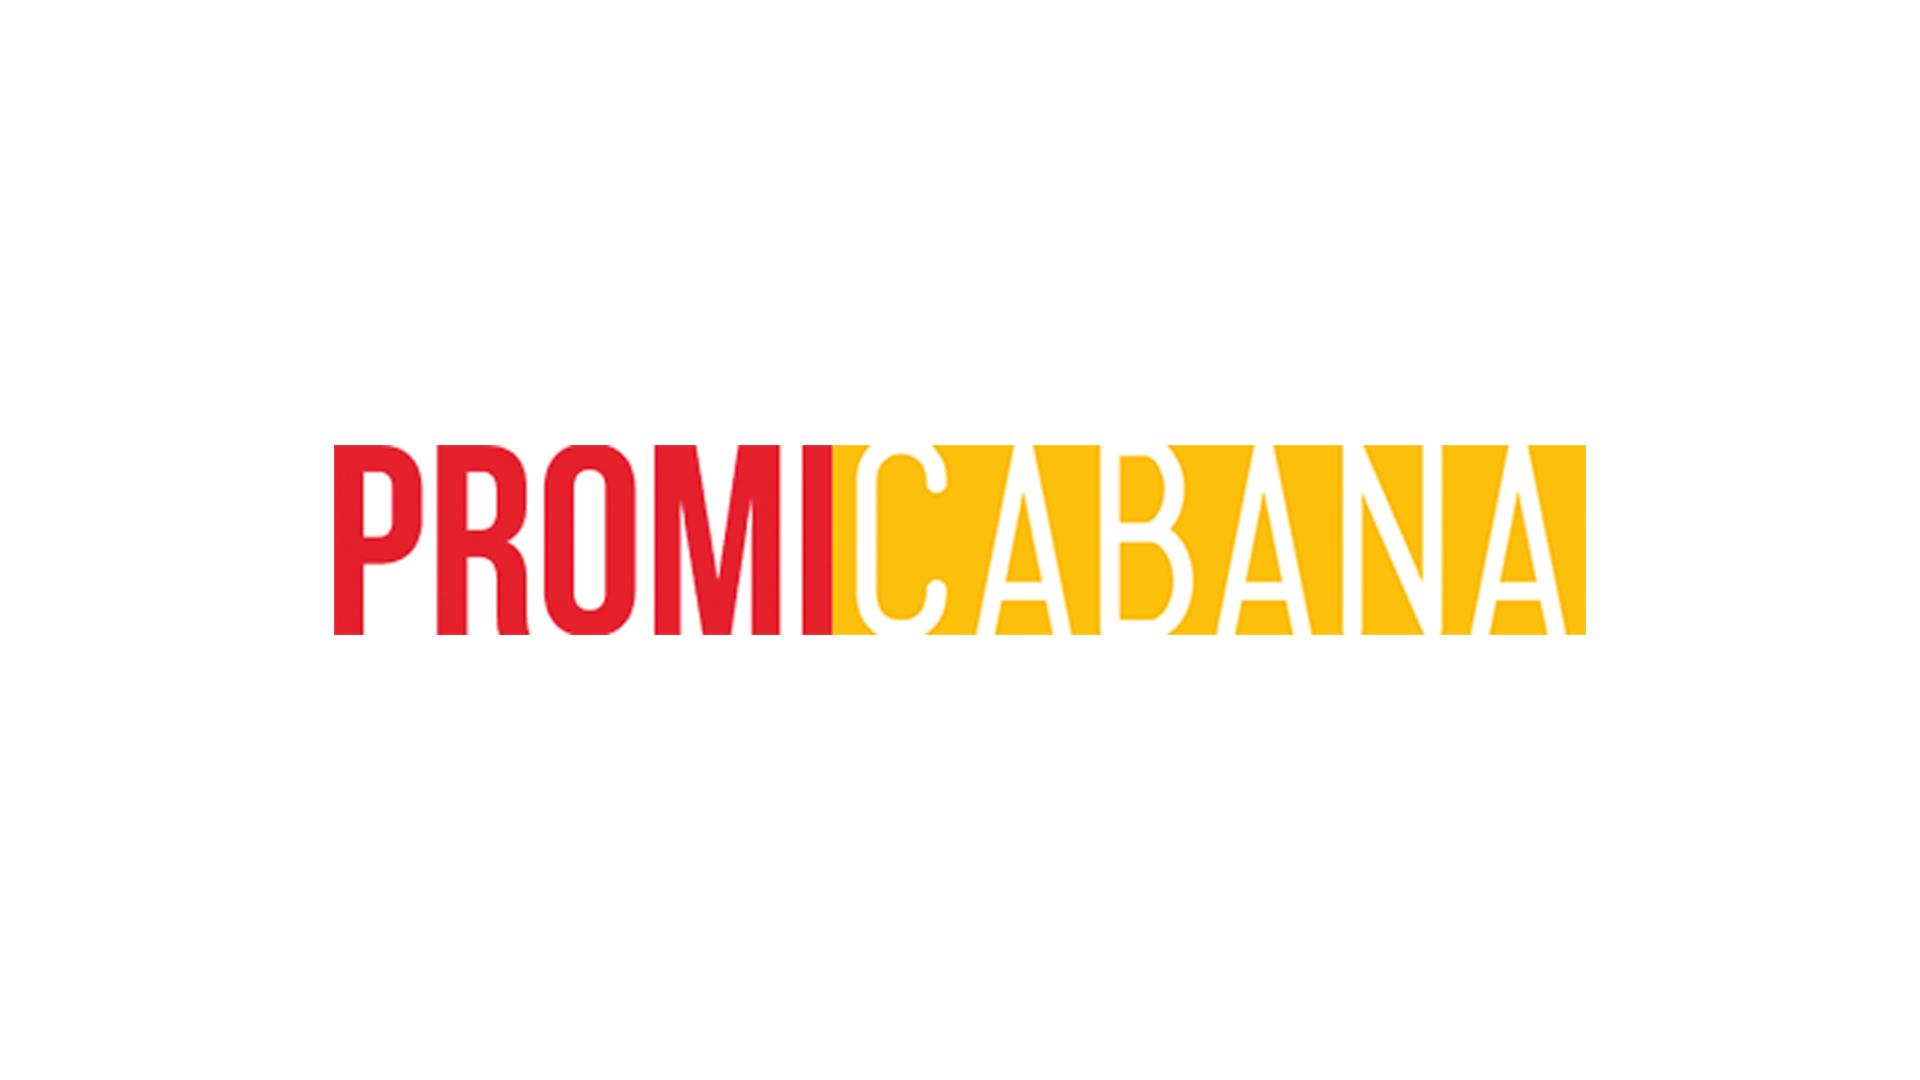 Lindsay-Lohan-Charlie-Sheen-Anger-Management1